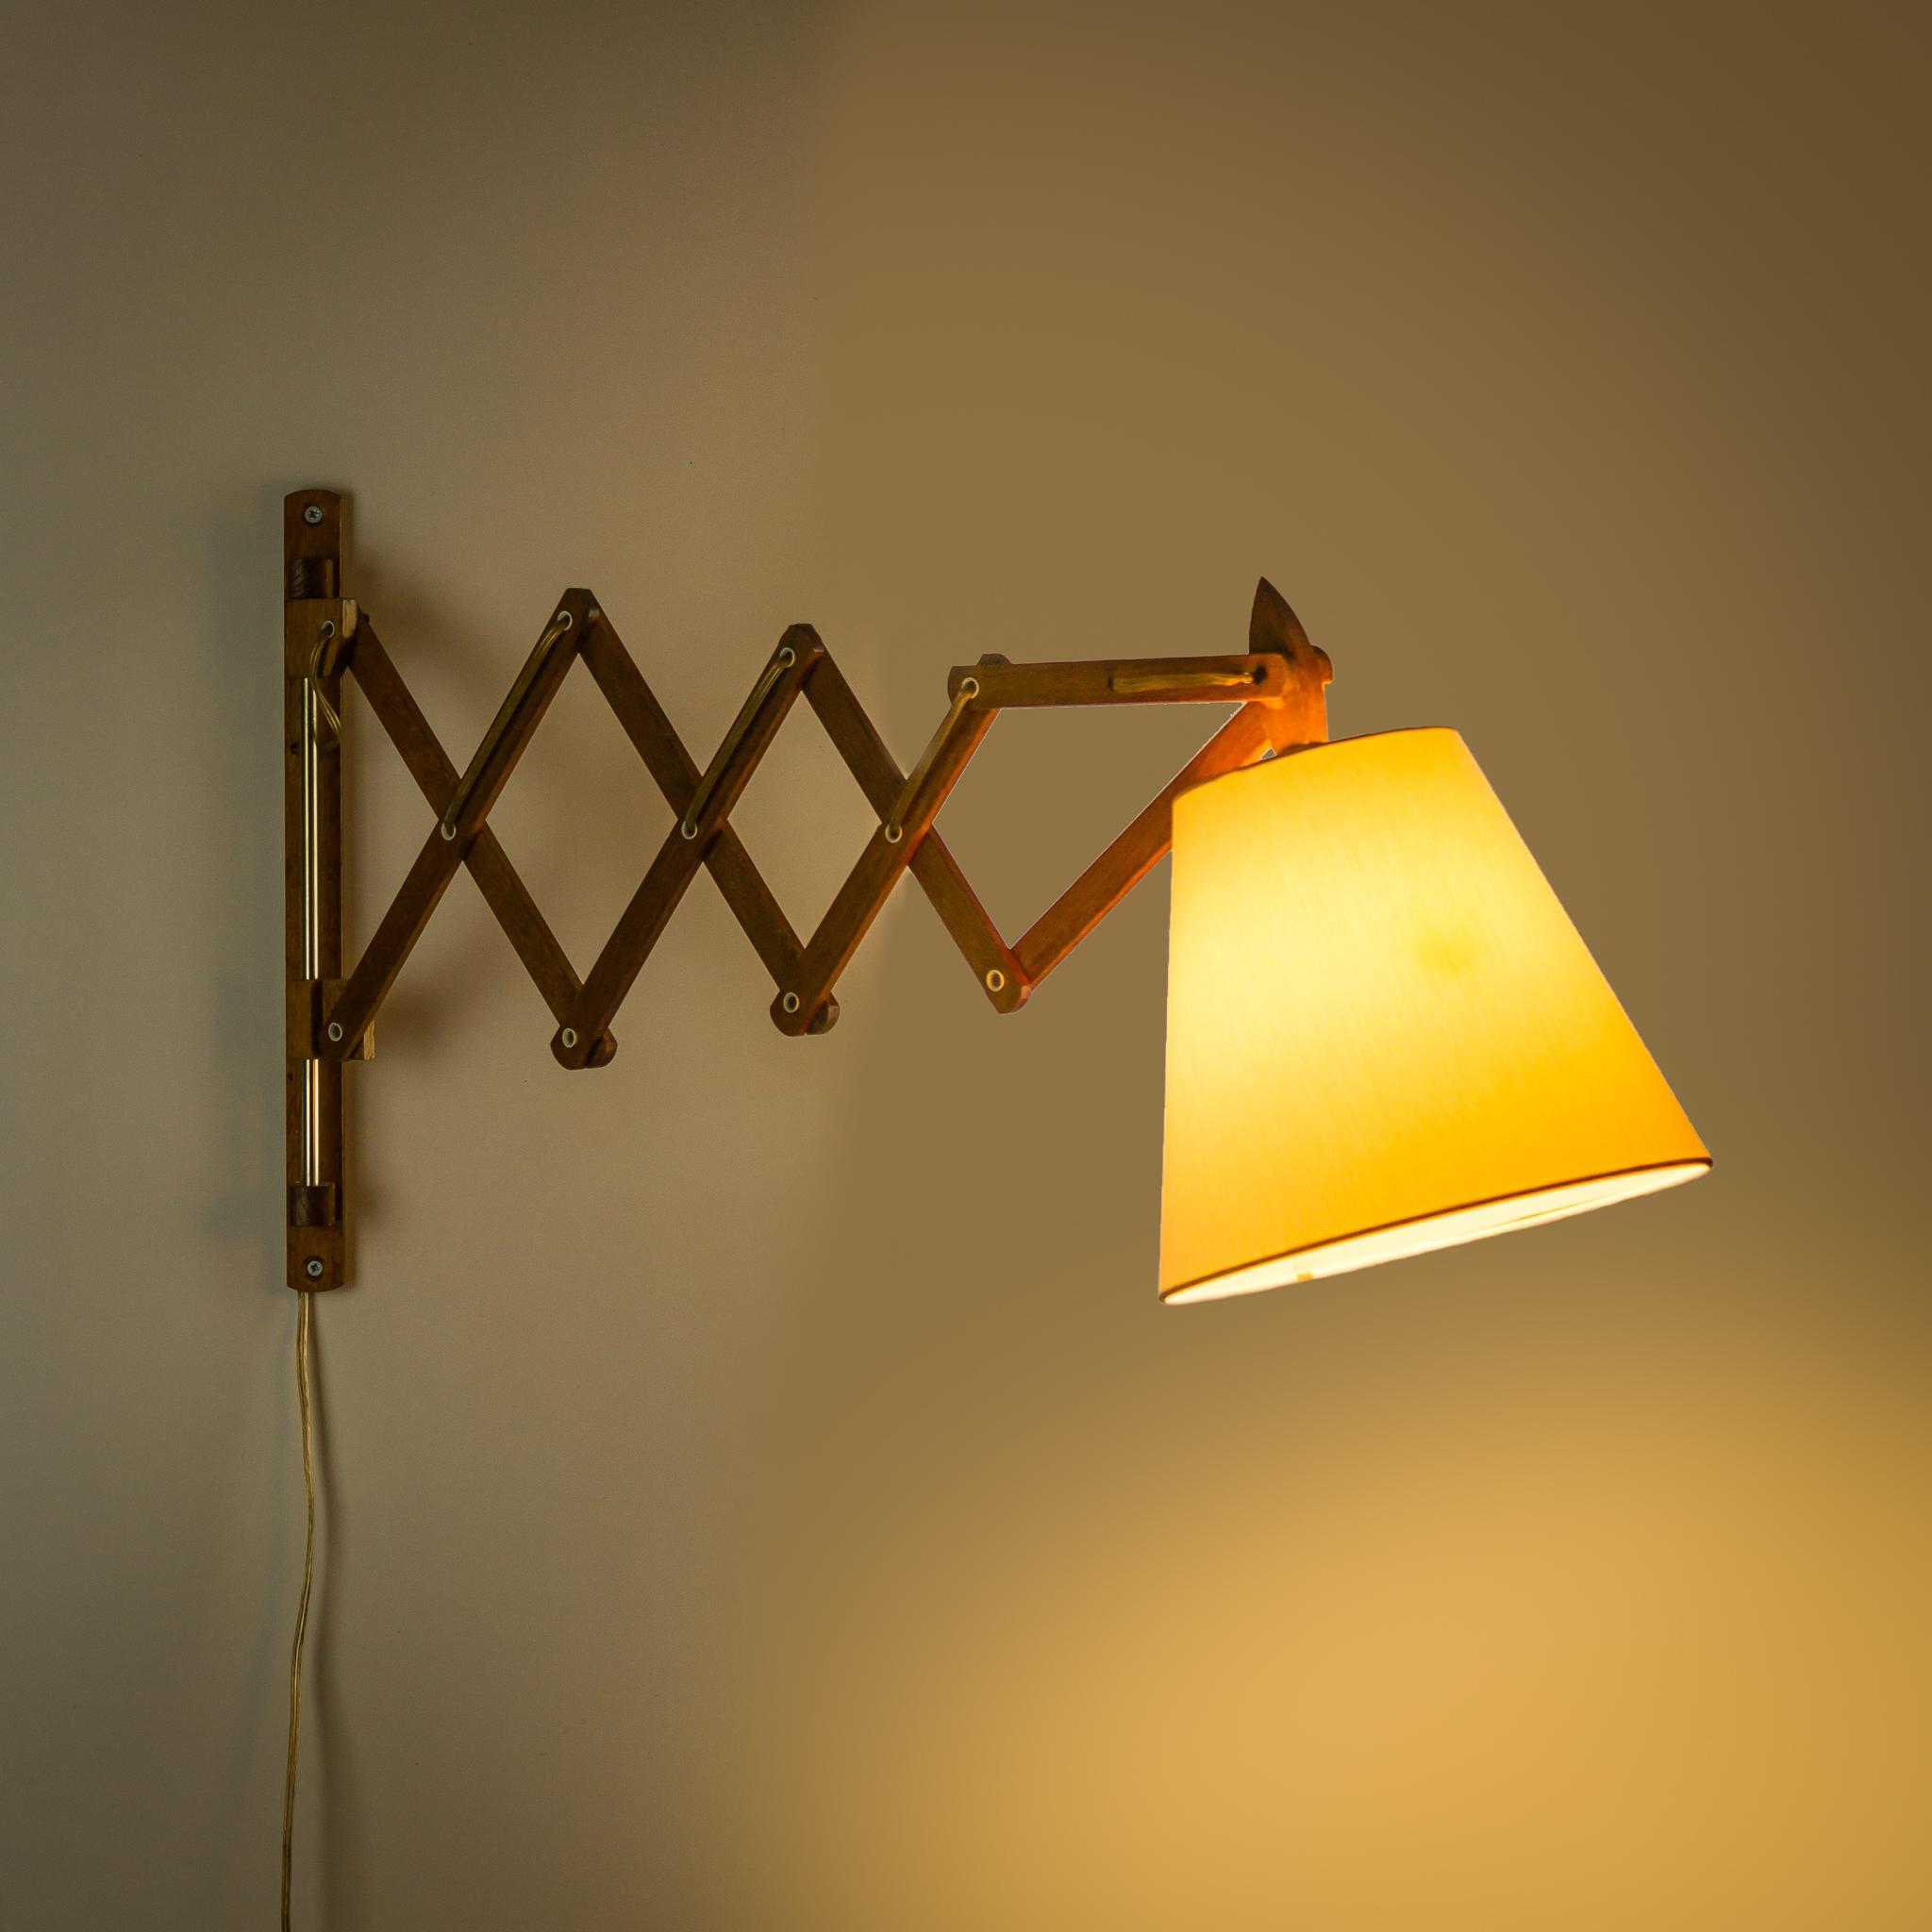 Geliefde 70's teak schaar wandlamp | BarbMama AC39